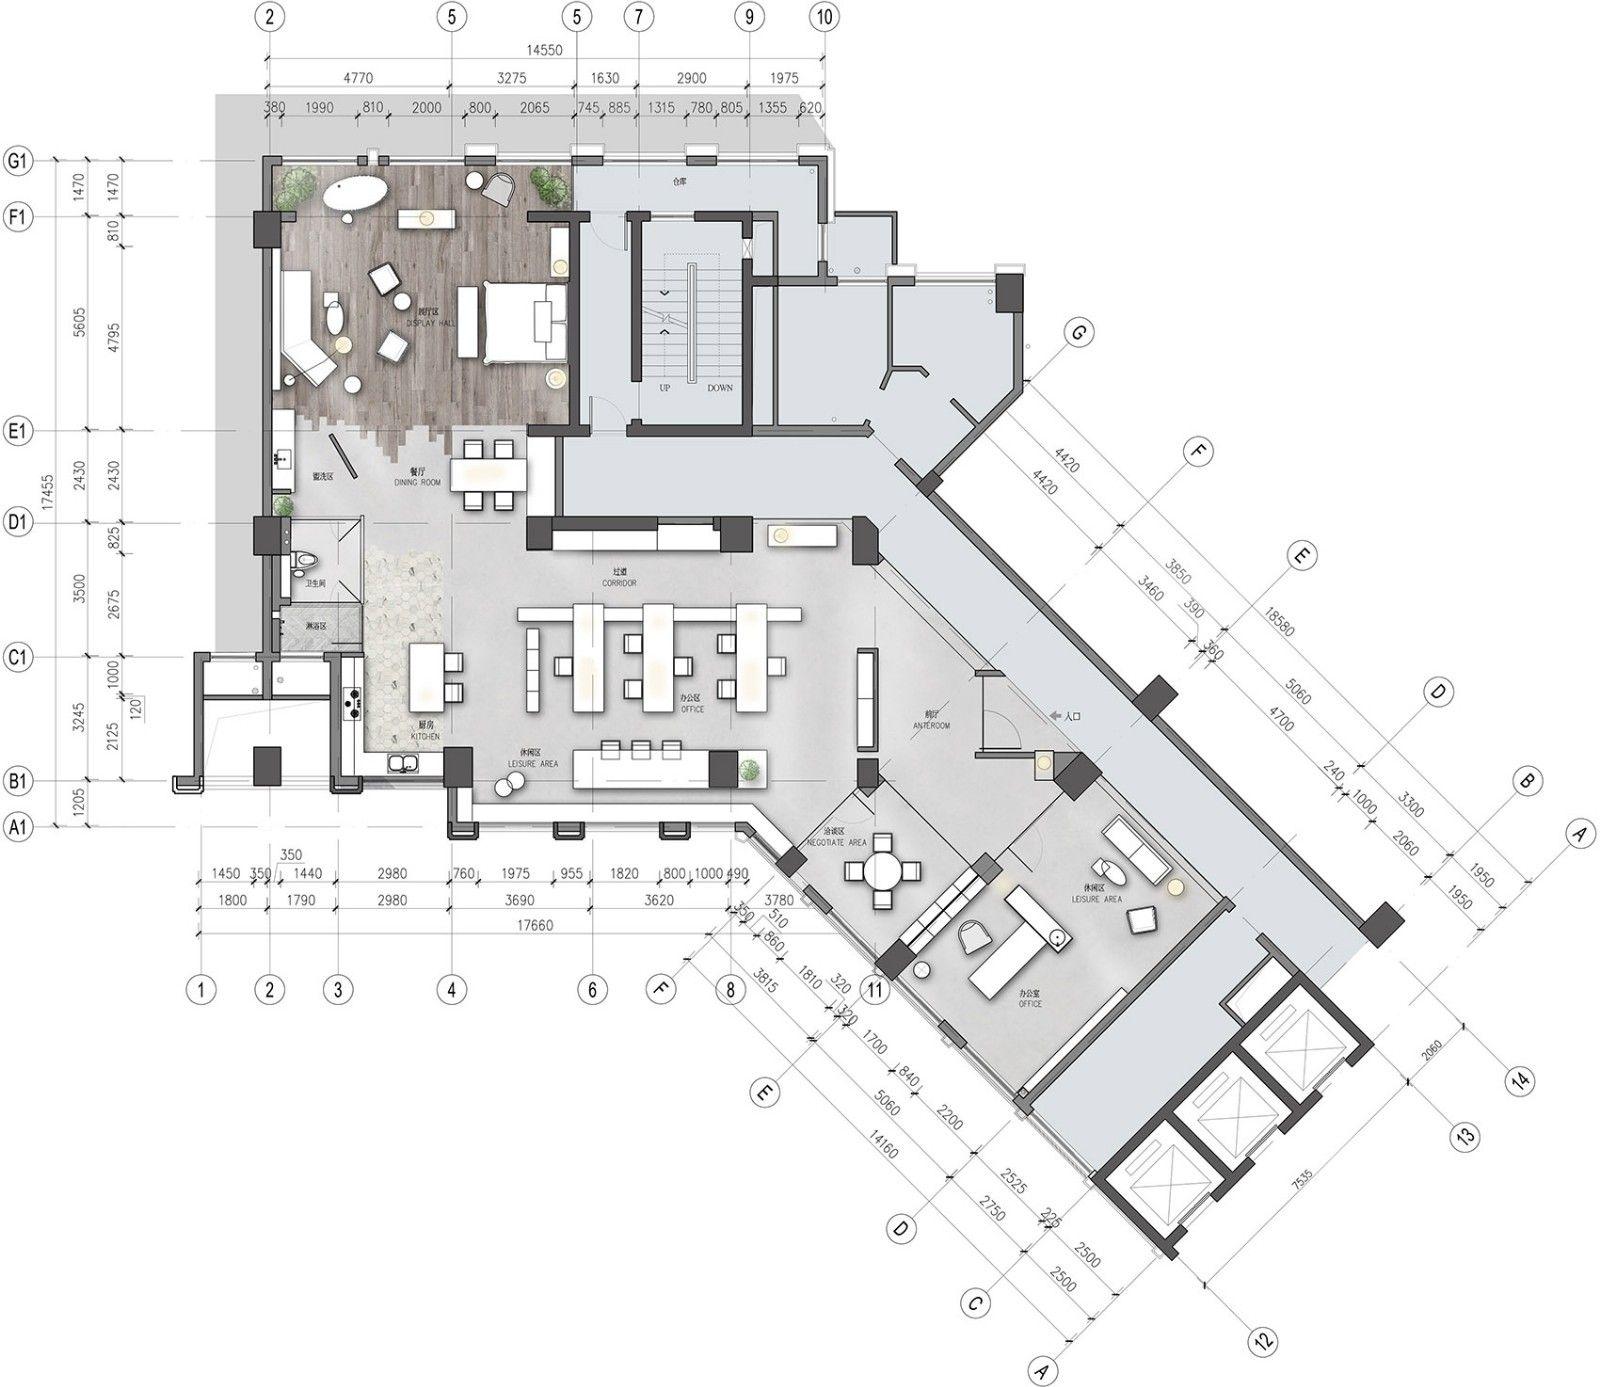 杭州莫语生活办公室 | 杭州时上建筑空间设计|沈墨 - 30